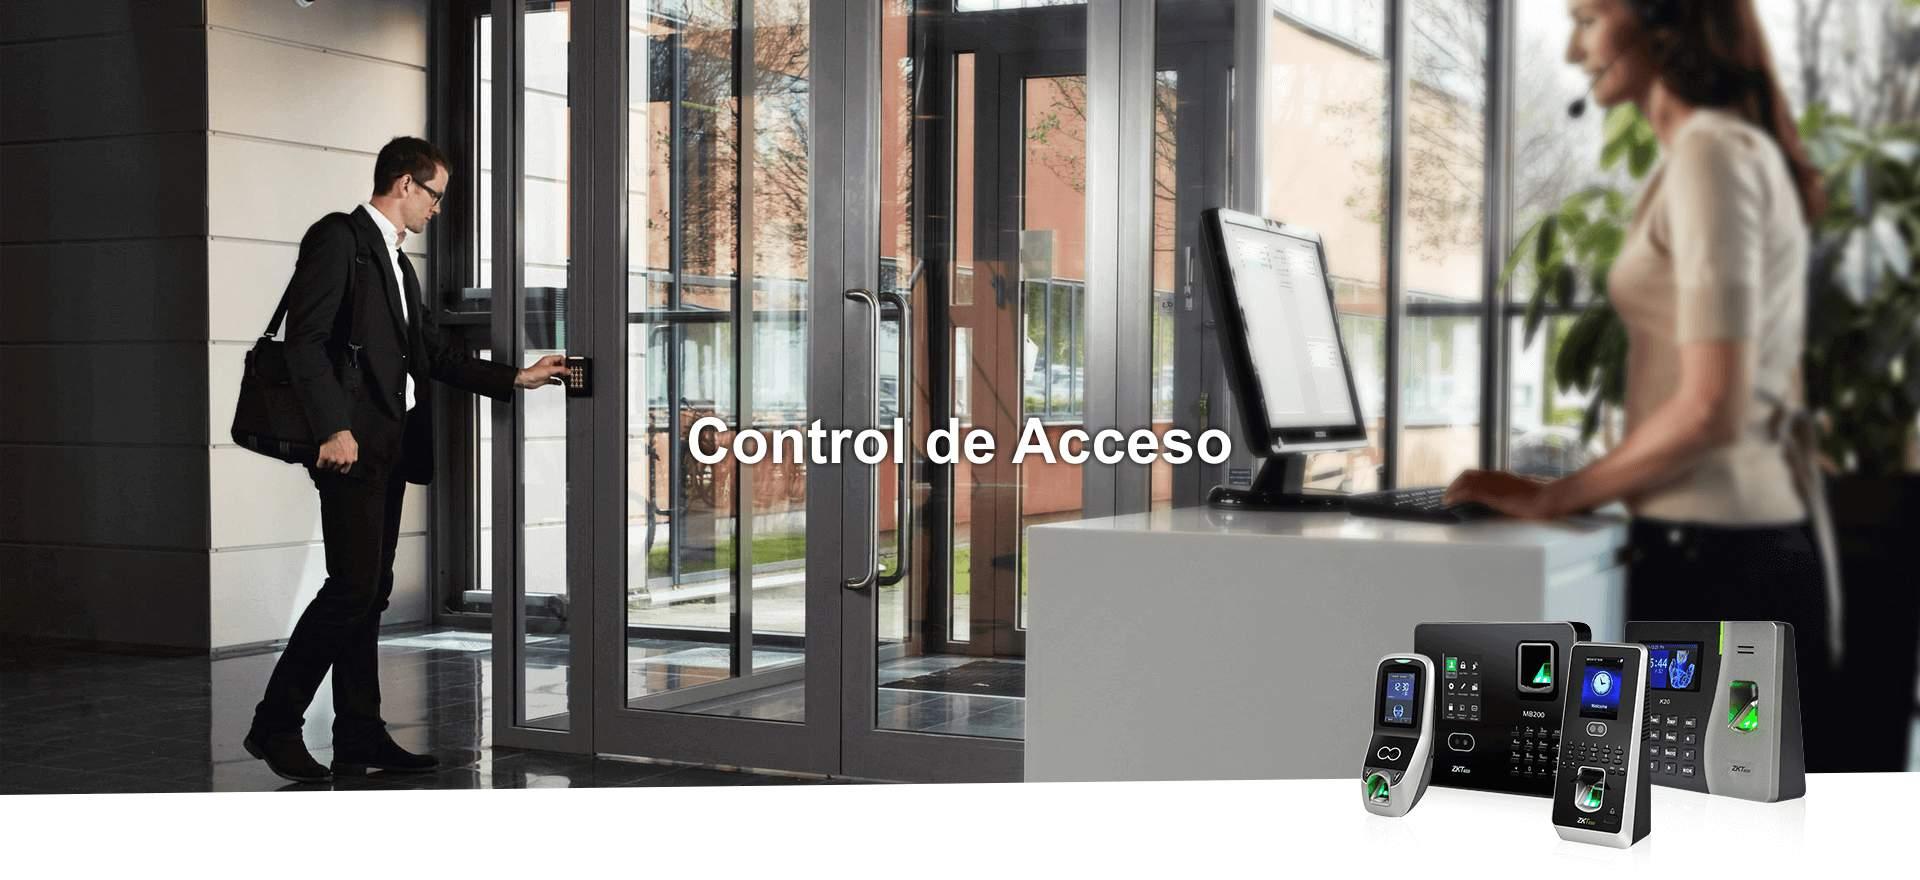 Control de Acceso en Lázaro Cárdenas, Michoacán e Ixtapa Zihuatanejo, Guerrero